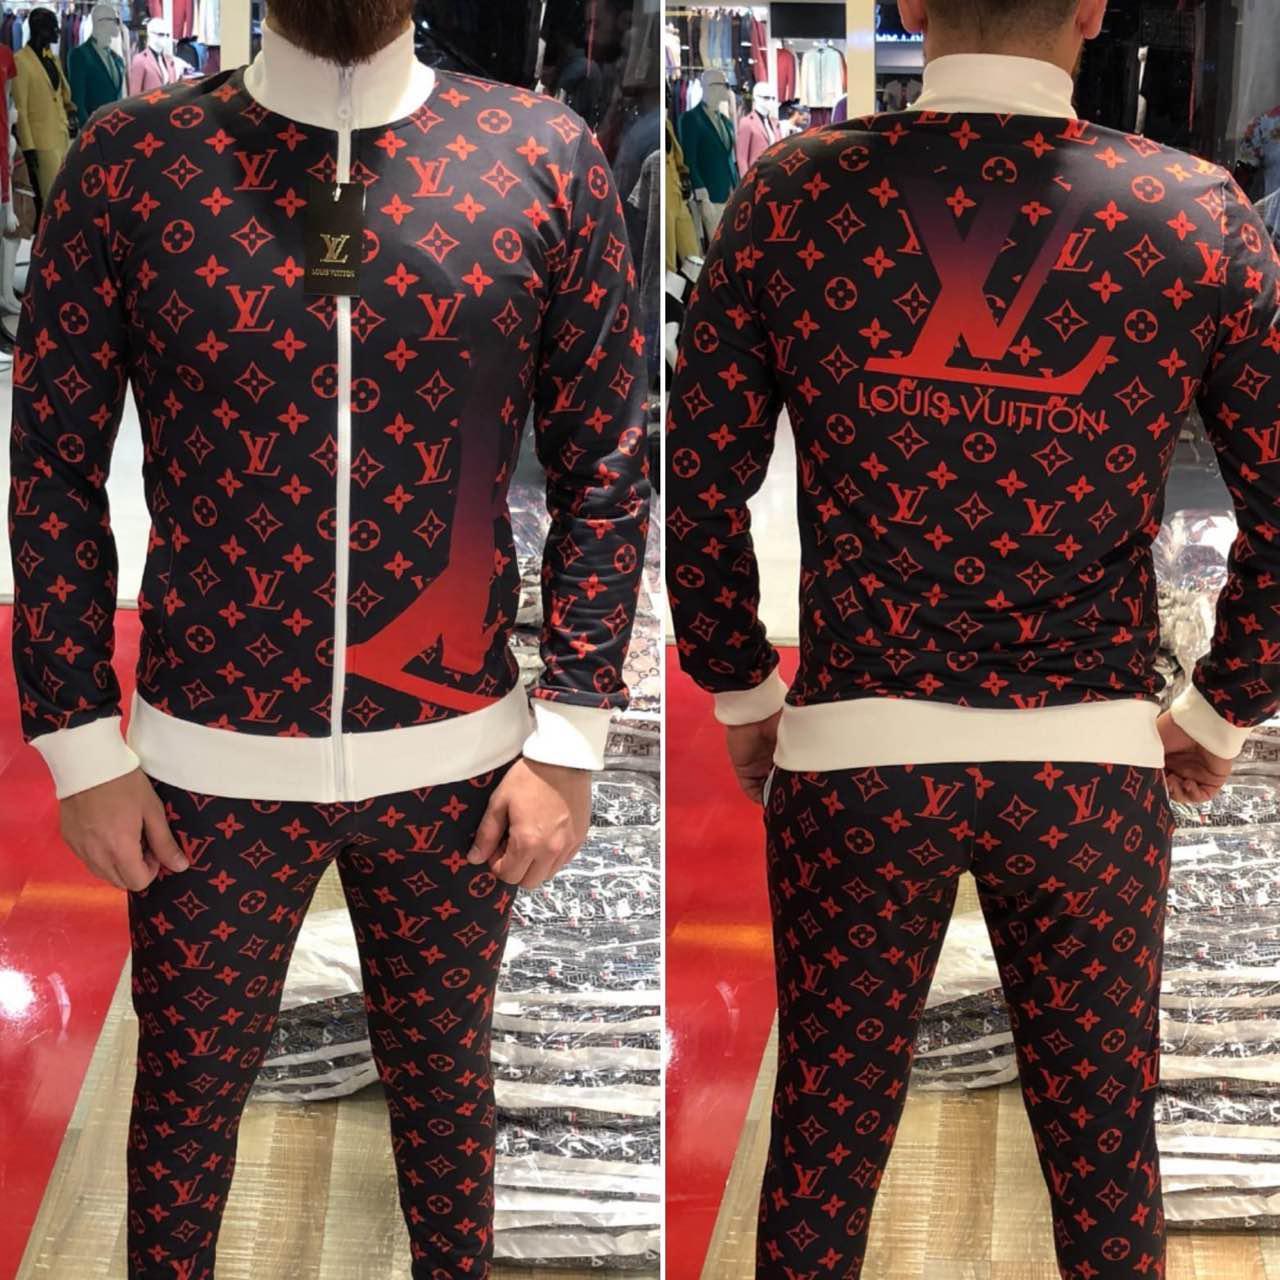 Спортивный костюм мужской Louis Vuitton D3932 красно-черный - купить ... 7c3ed5e2015